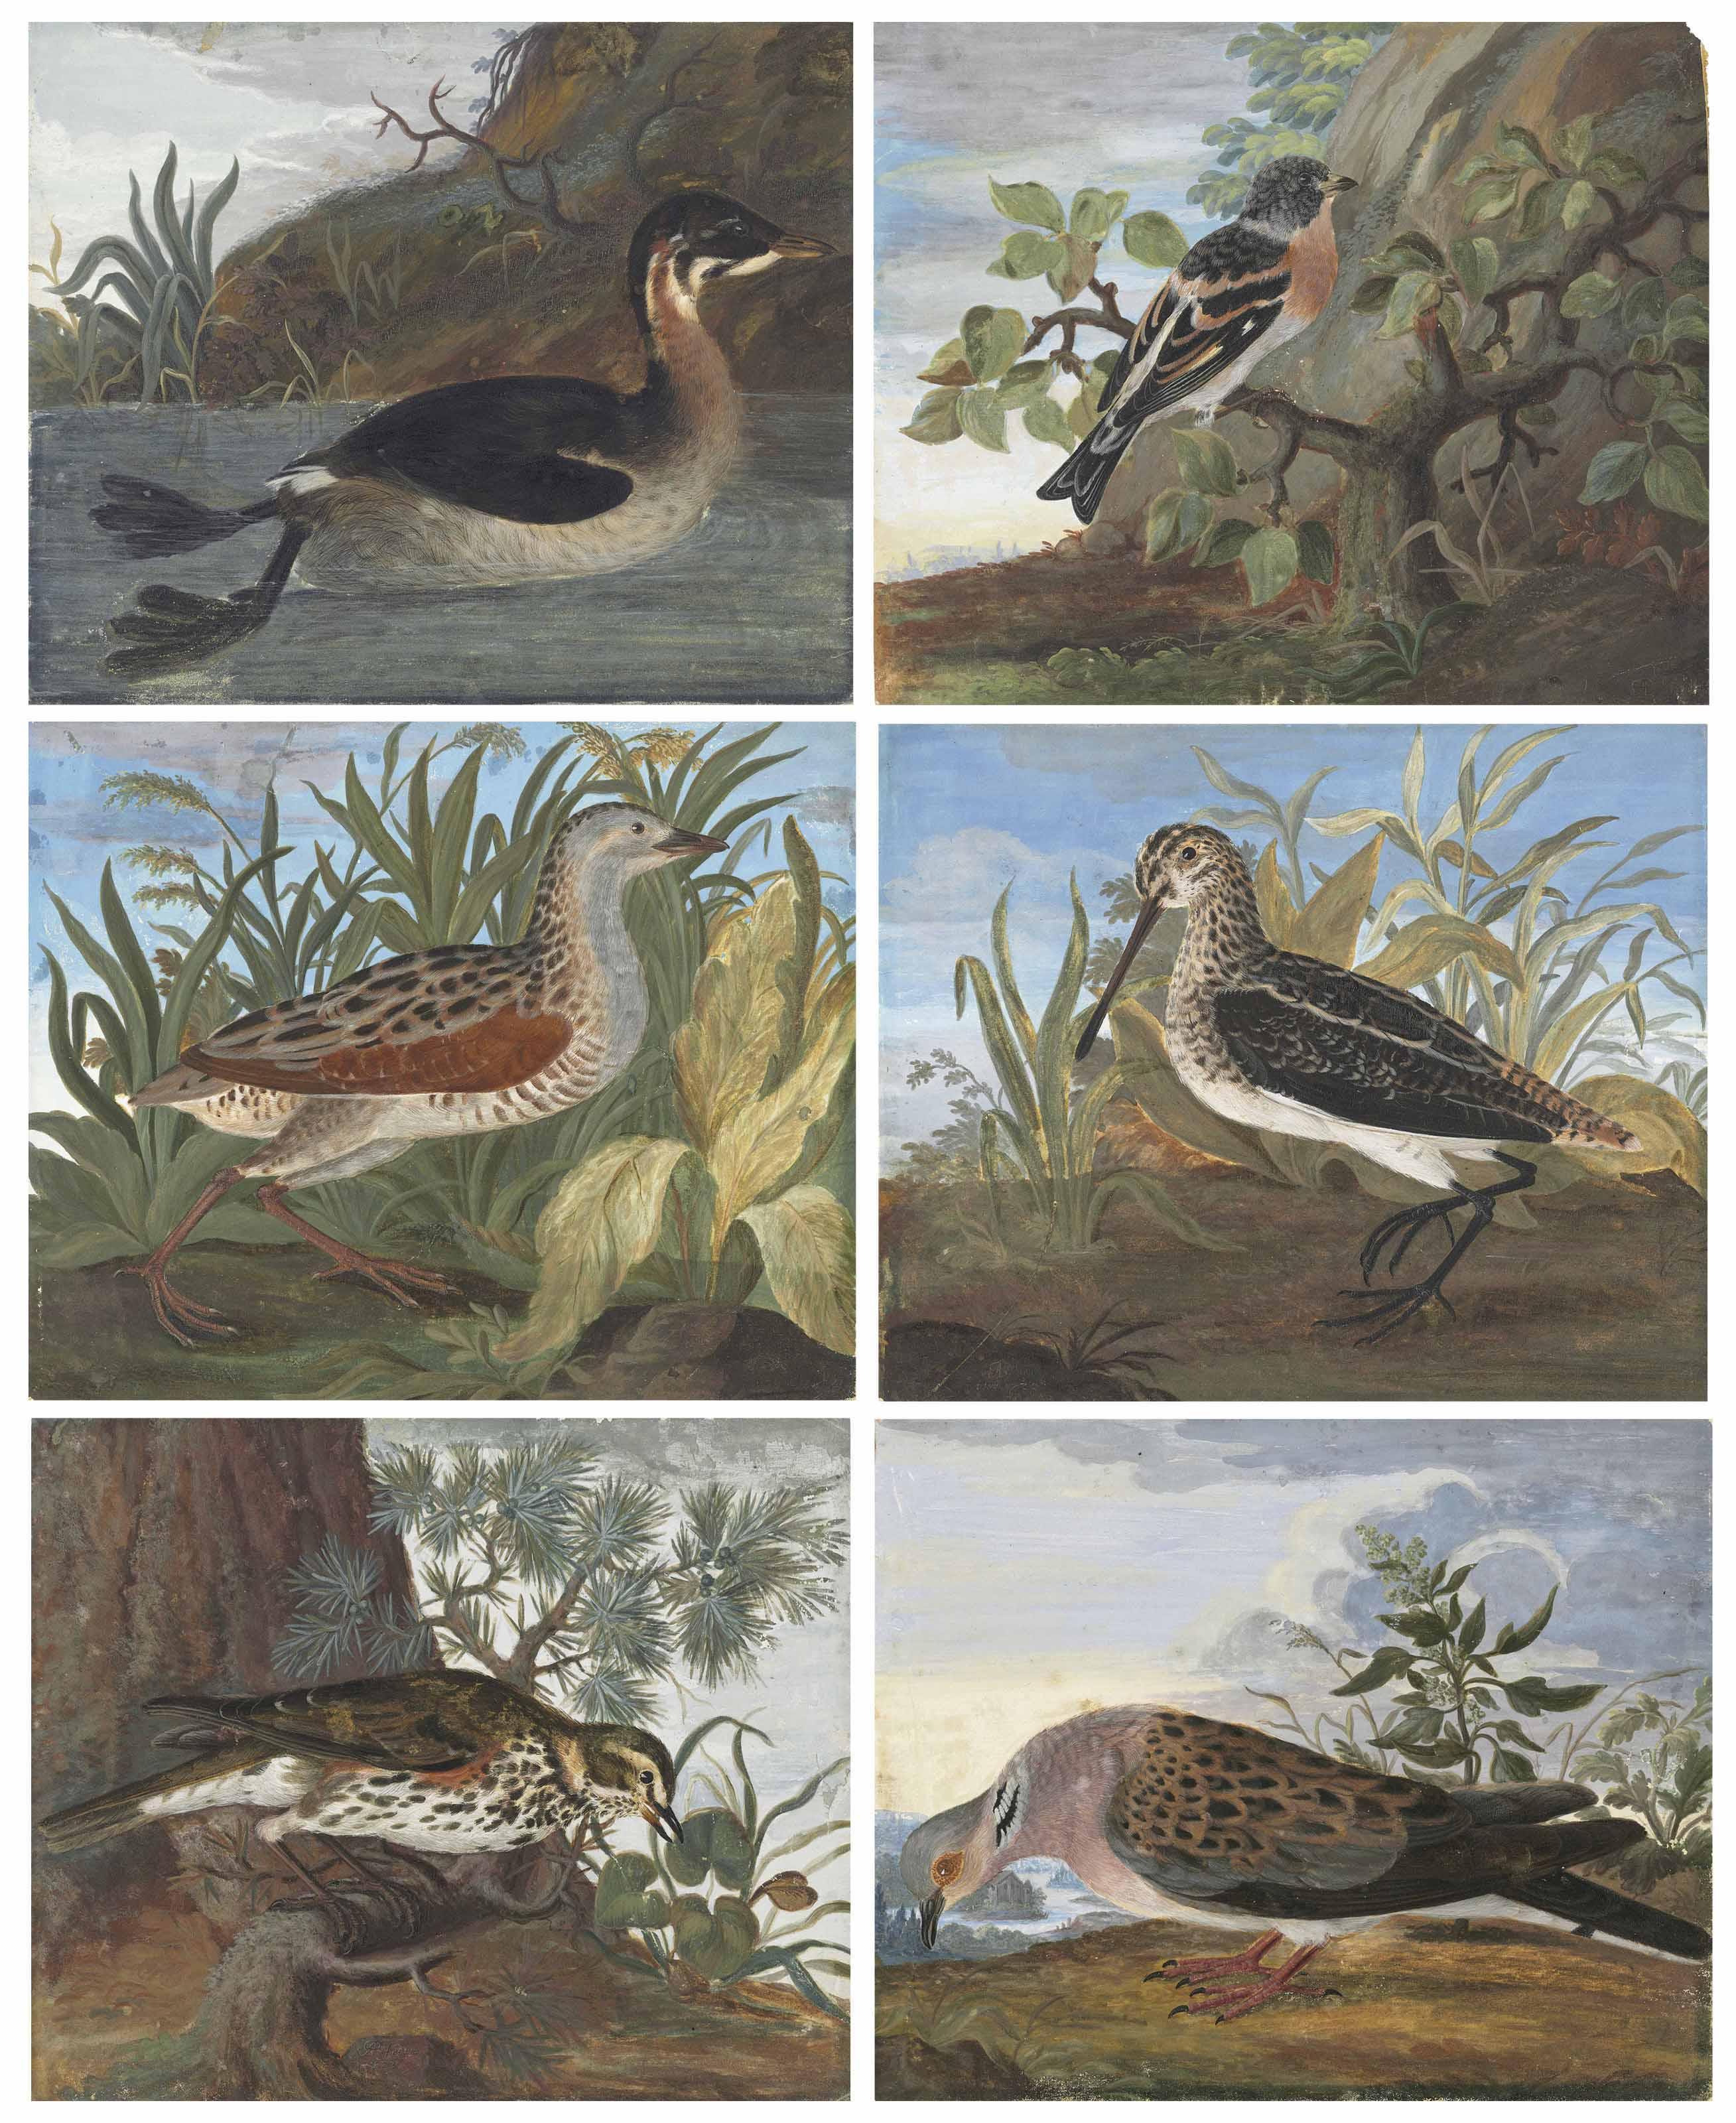 Six birds in landscape settings: A grebe (?) (Podicipitidae); A brambling (Fringilla montifringilla); A corncrake (Crex crex); A snipe (Gallinago gallinago); A redwing (Turdus iliacus); and A turtle dove (Streptopelia turtur)